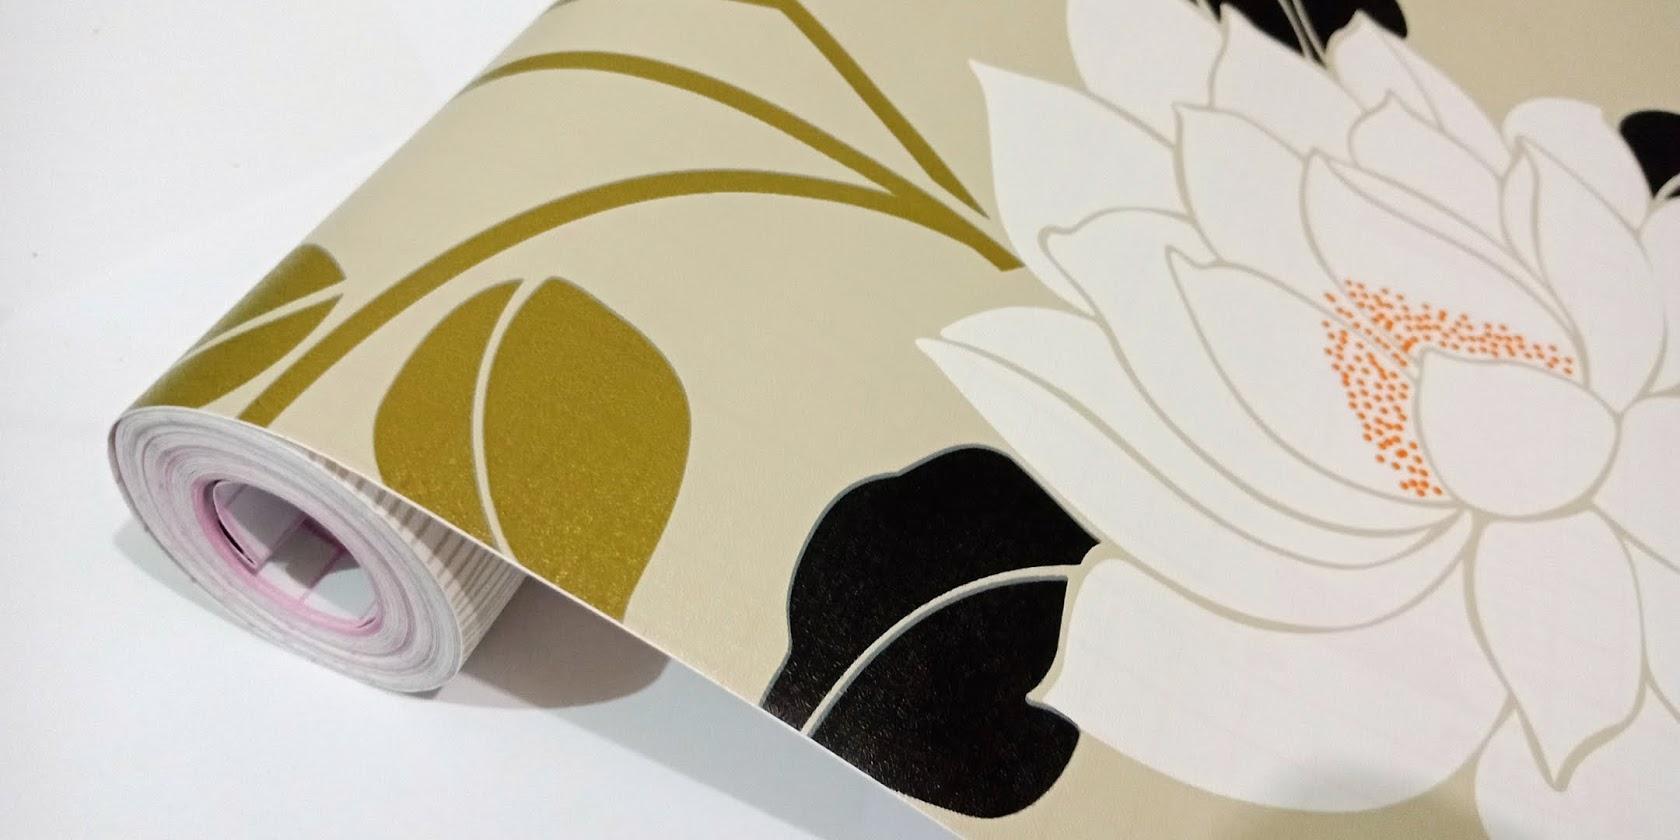 Detail Gambar Grosir murah wallpaper sticker dinding kamar ruang indah coklat susu bunga putih daun hijau dan hitam Terbaru